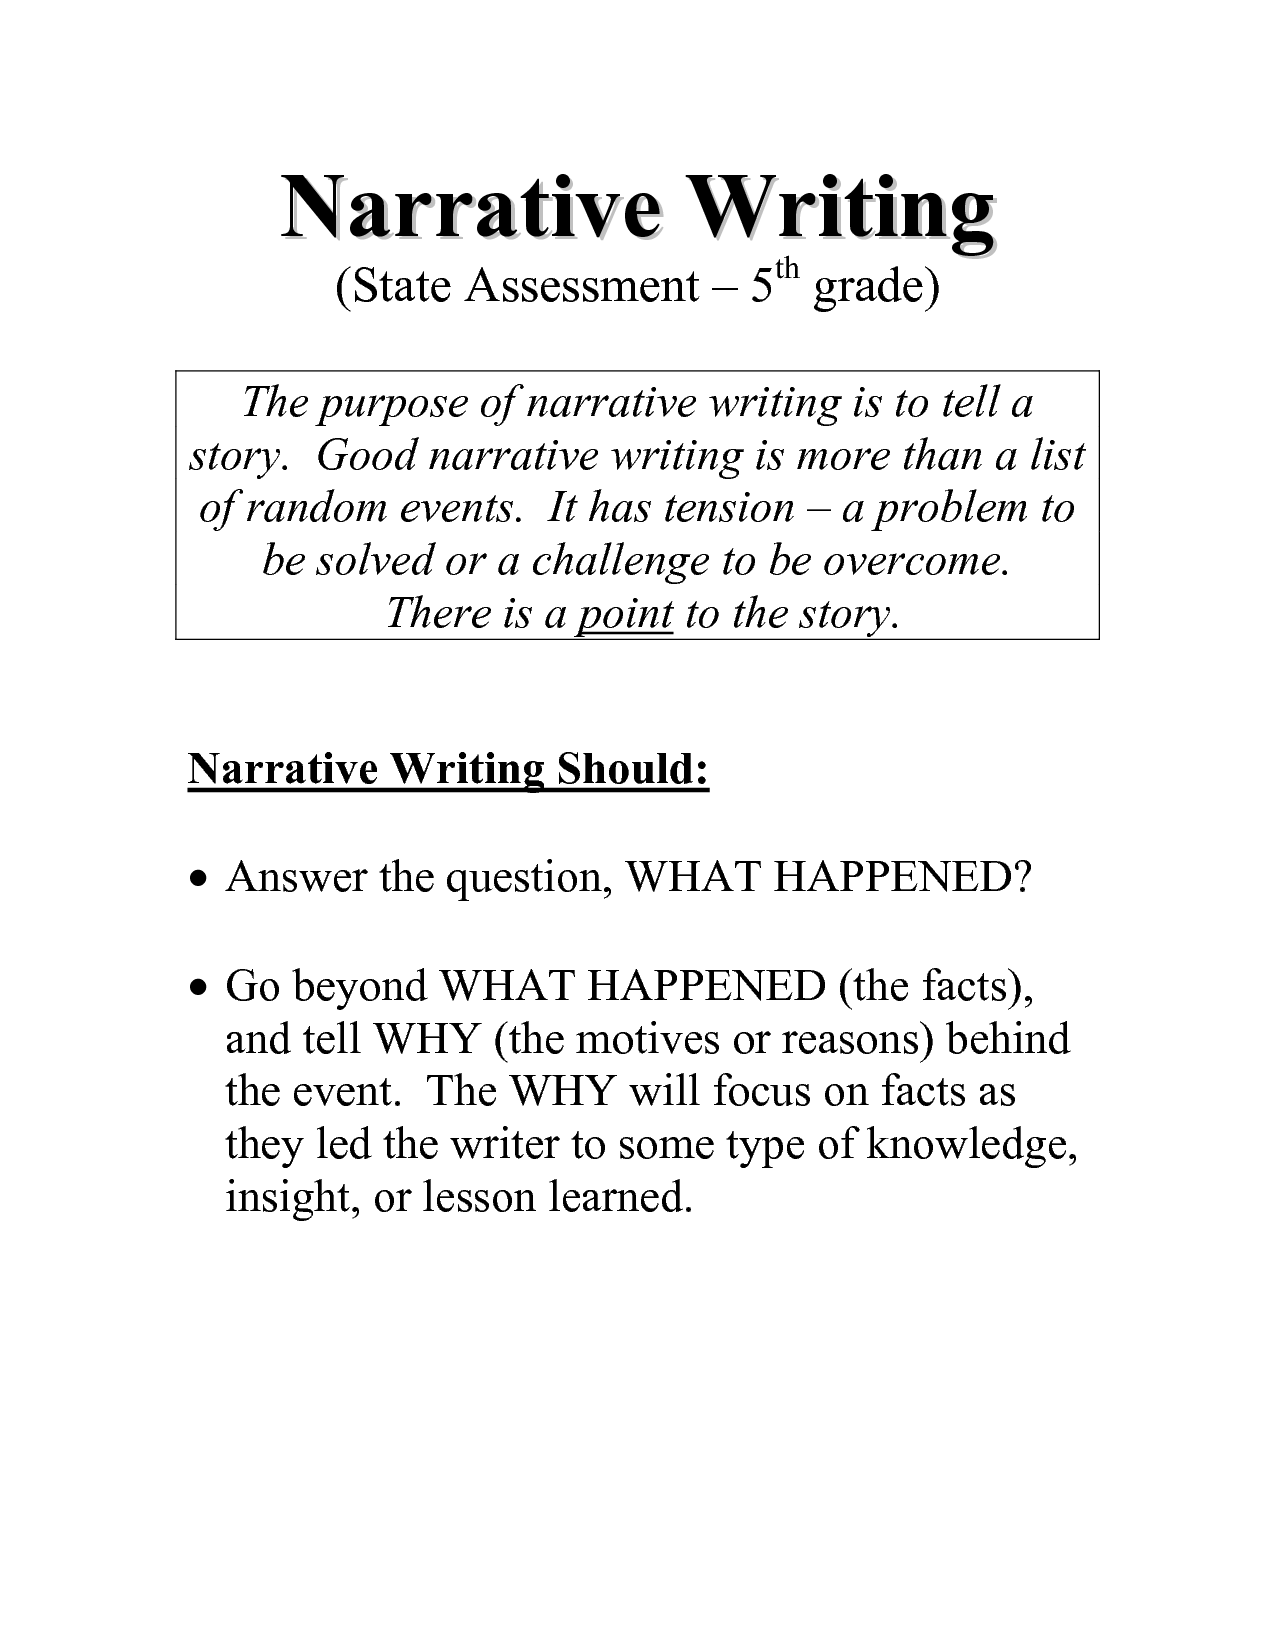 Personal Narrative Examples 5th Grade